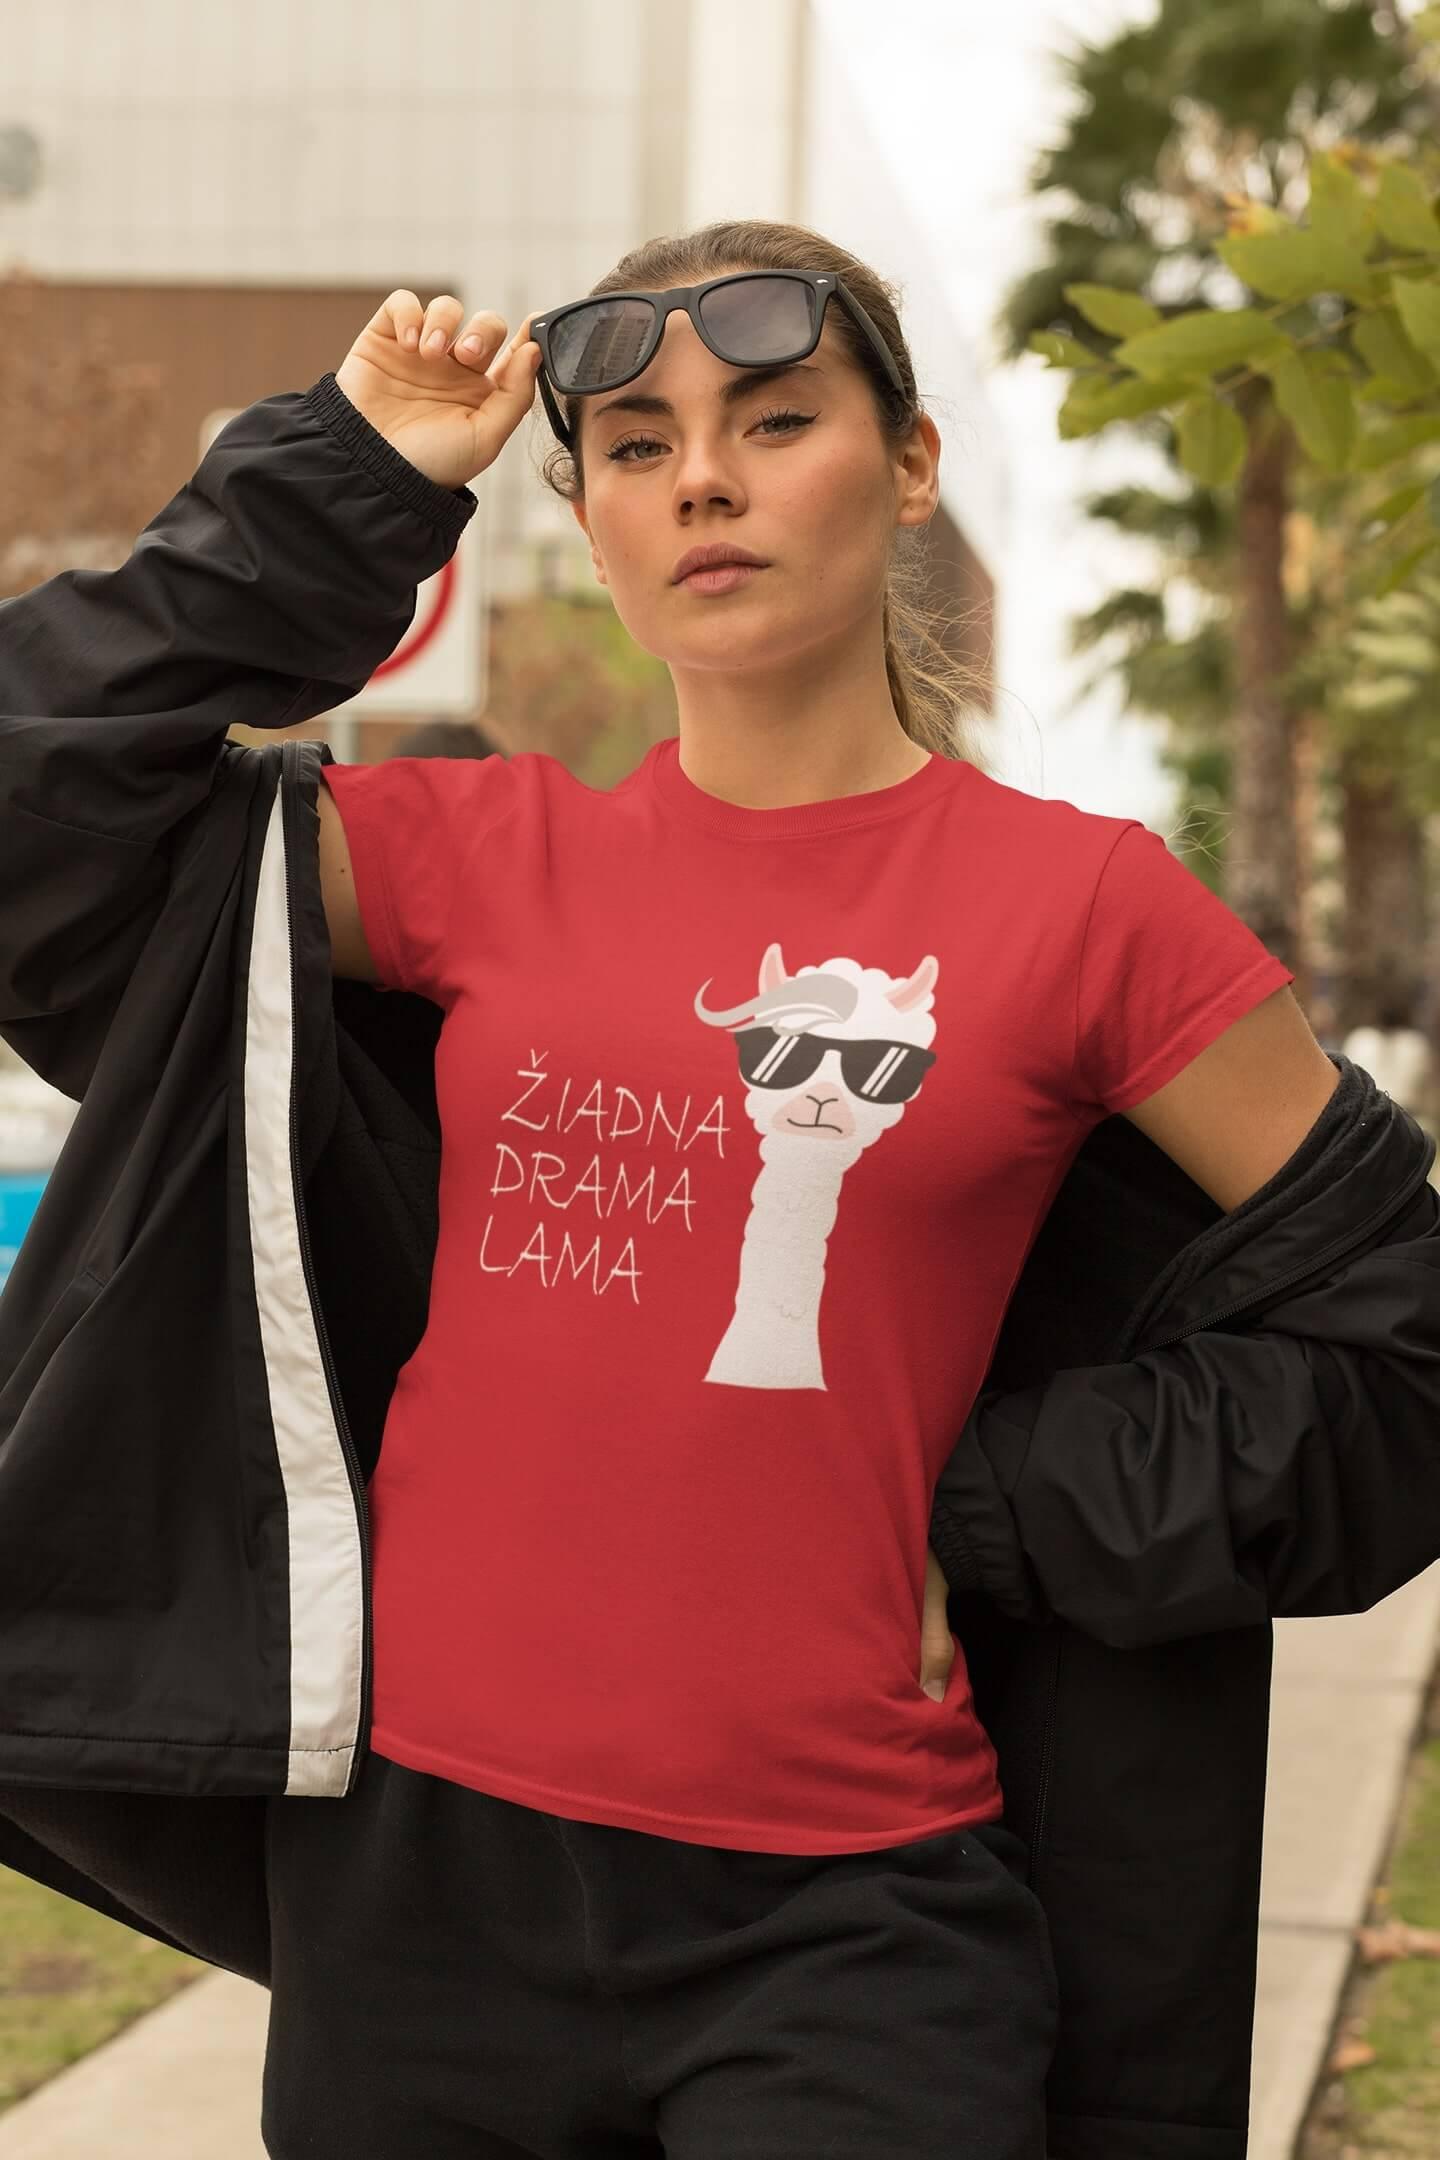 MMO Dámske tričko Lama Vyberte farbu: Červená, Dámska veľkosť: M